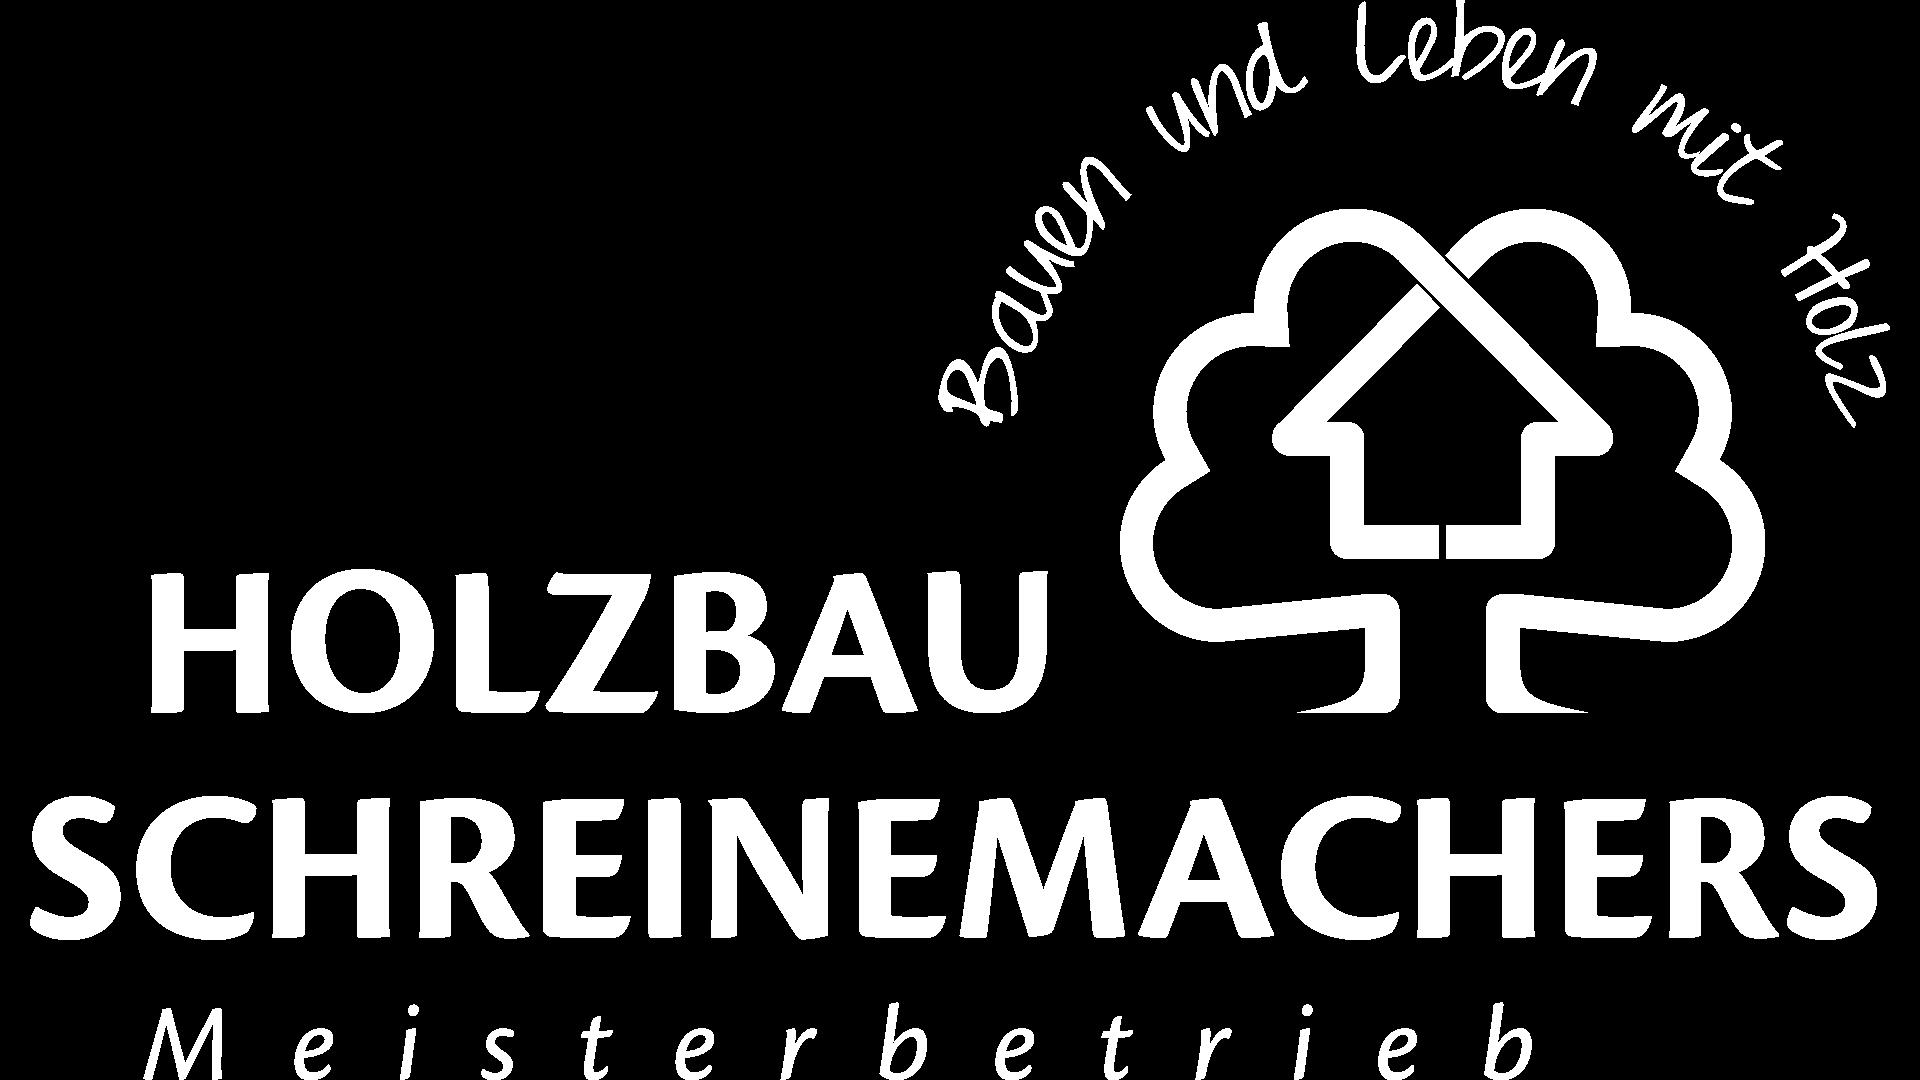 Logo_Holzbau_Schreinemachers_weiss_1920x1080px